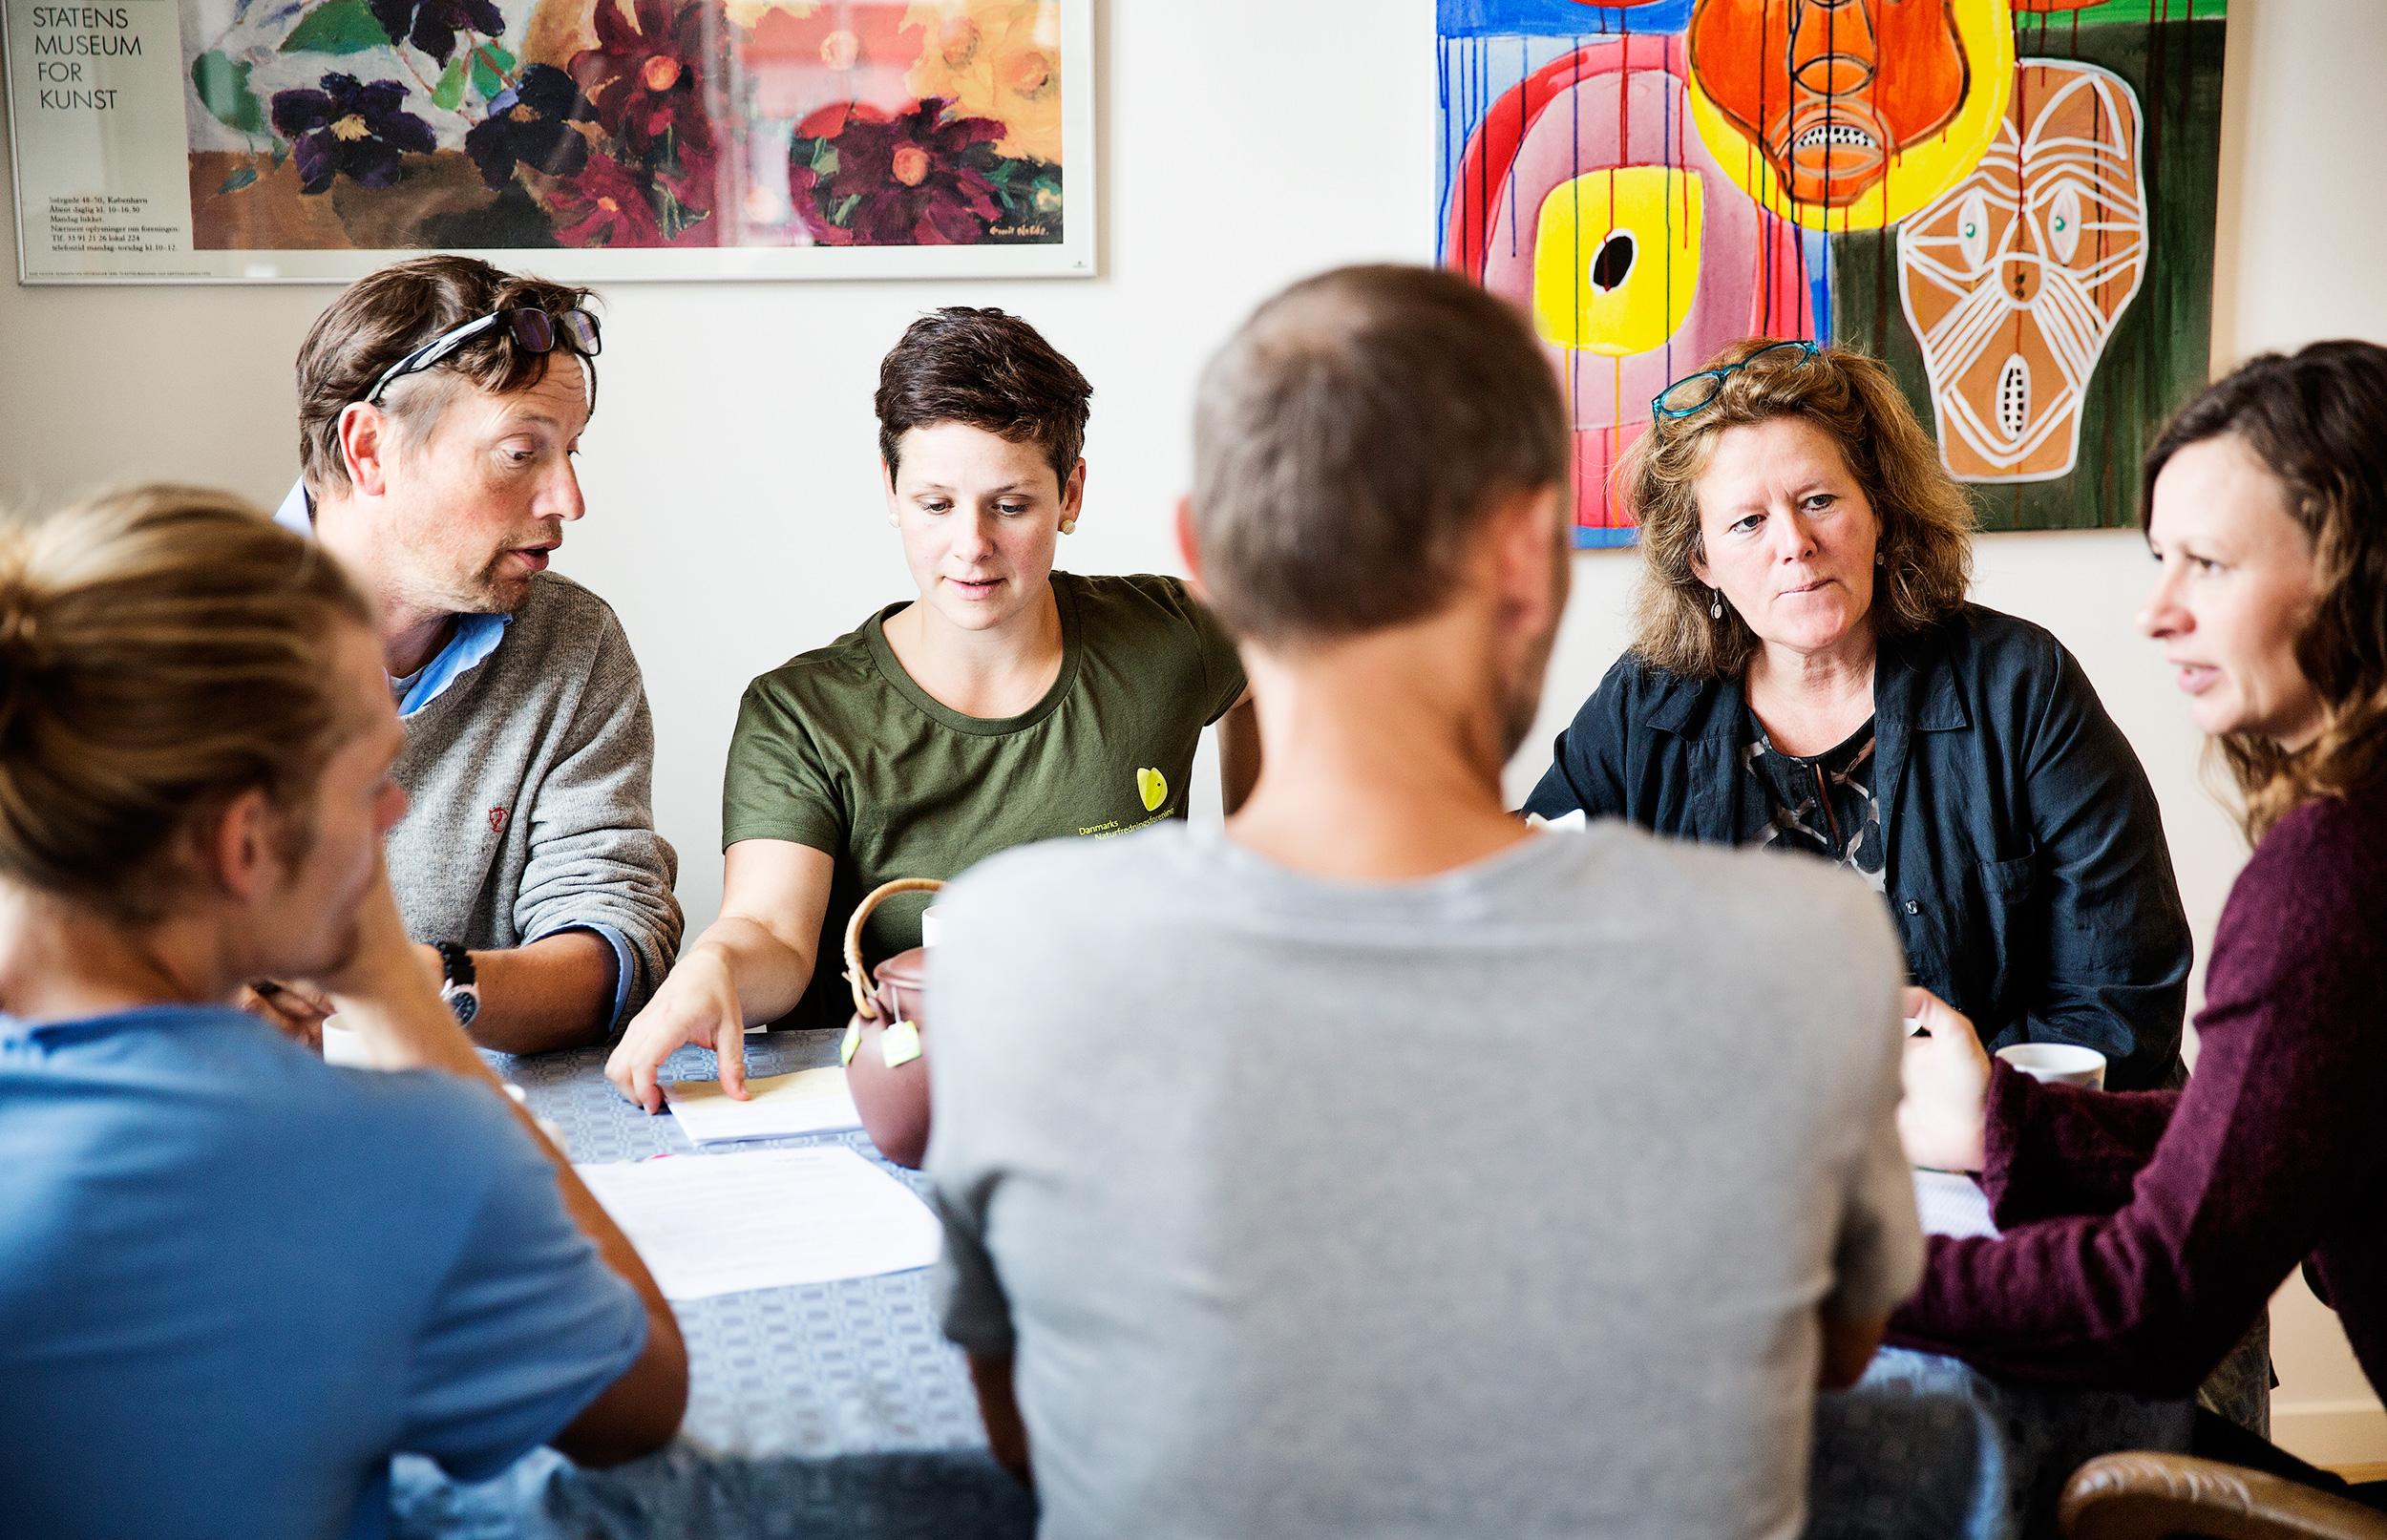 thai piger søger danske mænd coop fotobog